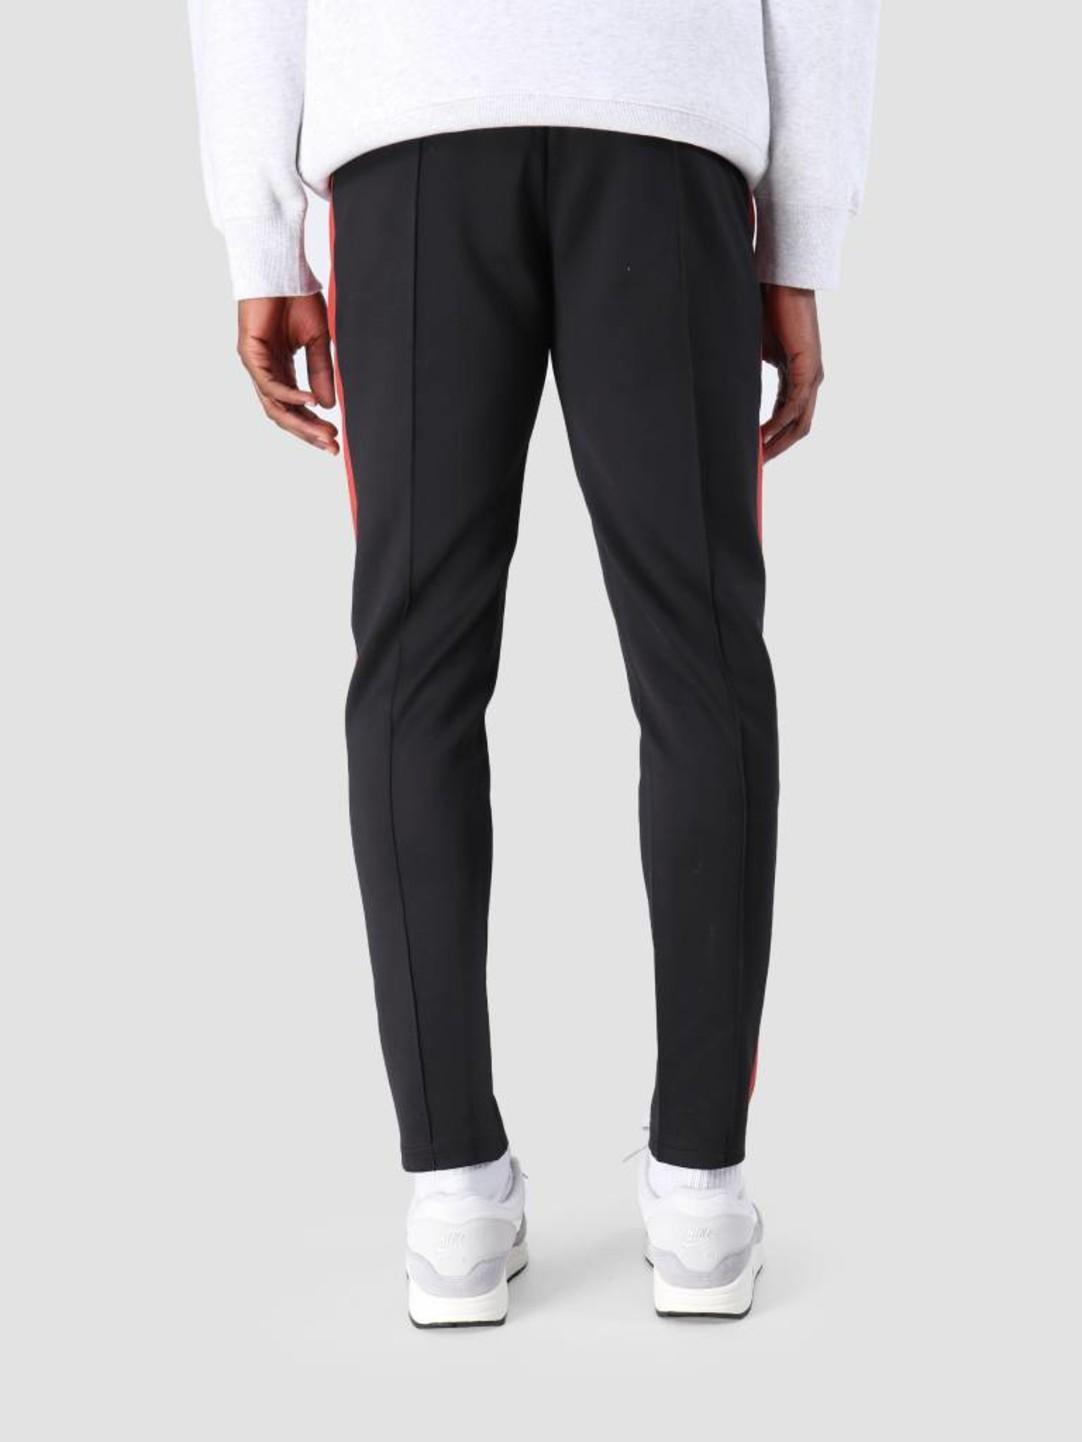 Les Deux Les Deux Hermite Track Pants Black Brick Red LDM530002